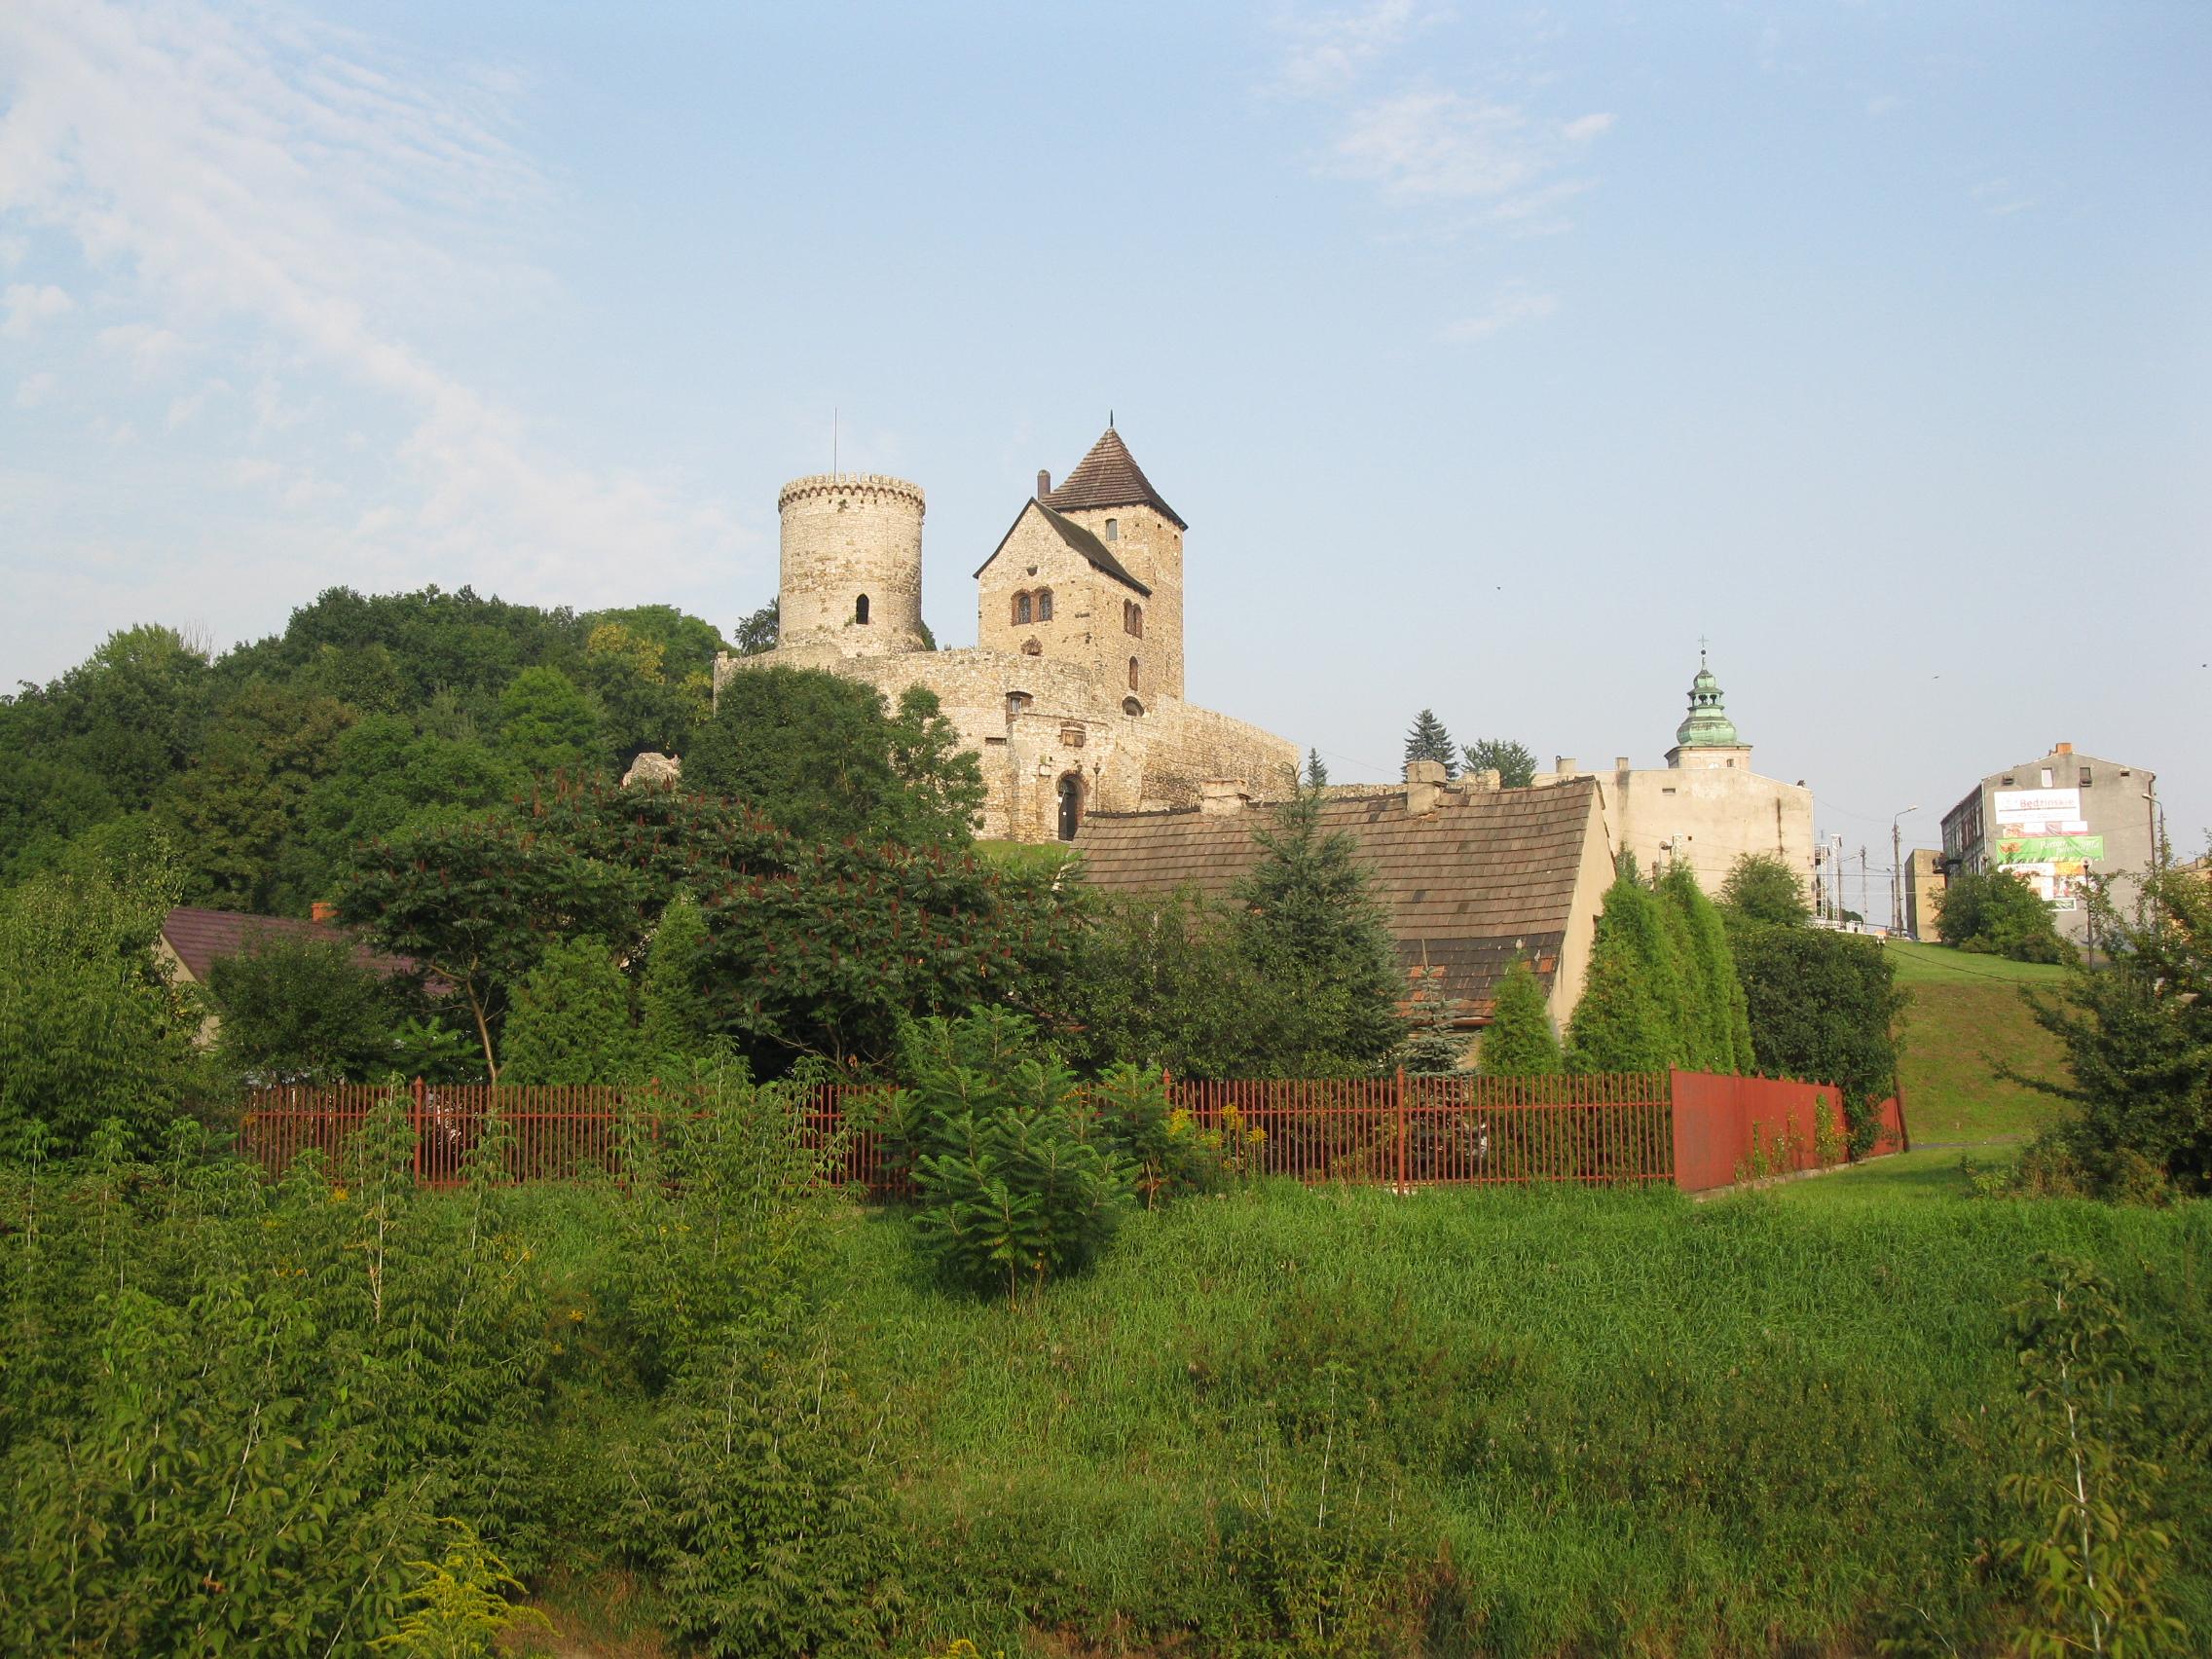 Medieval castle in Będzin